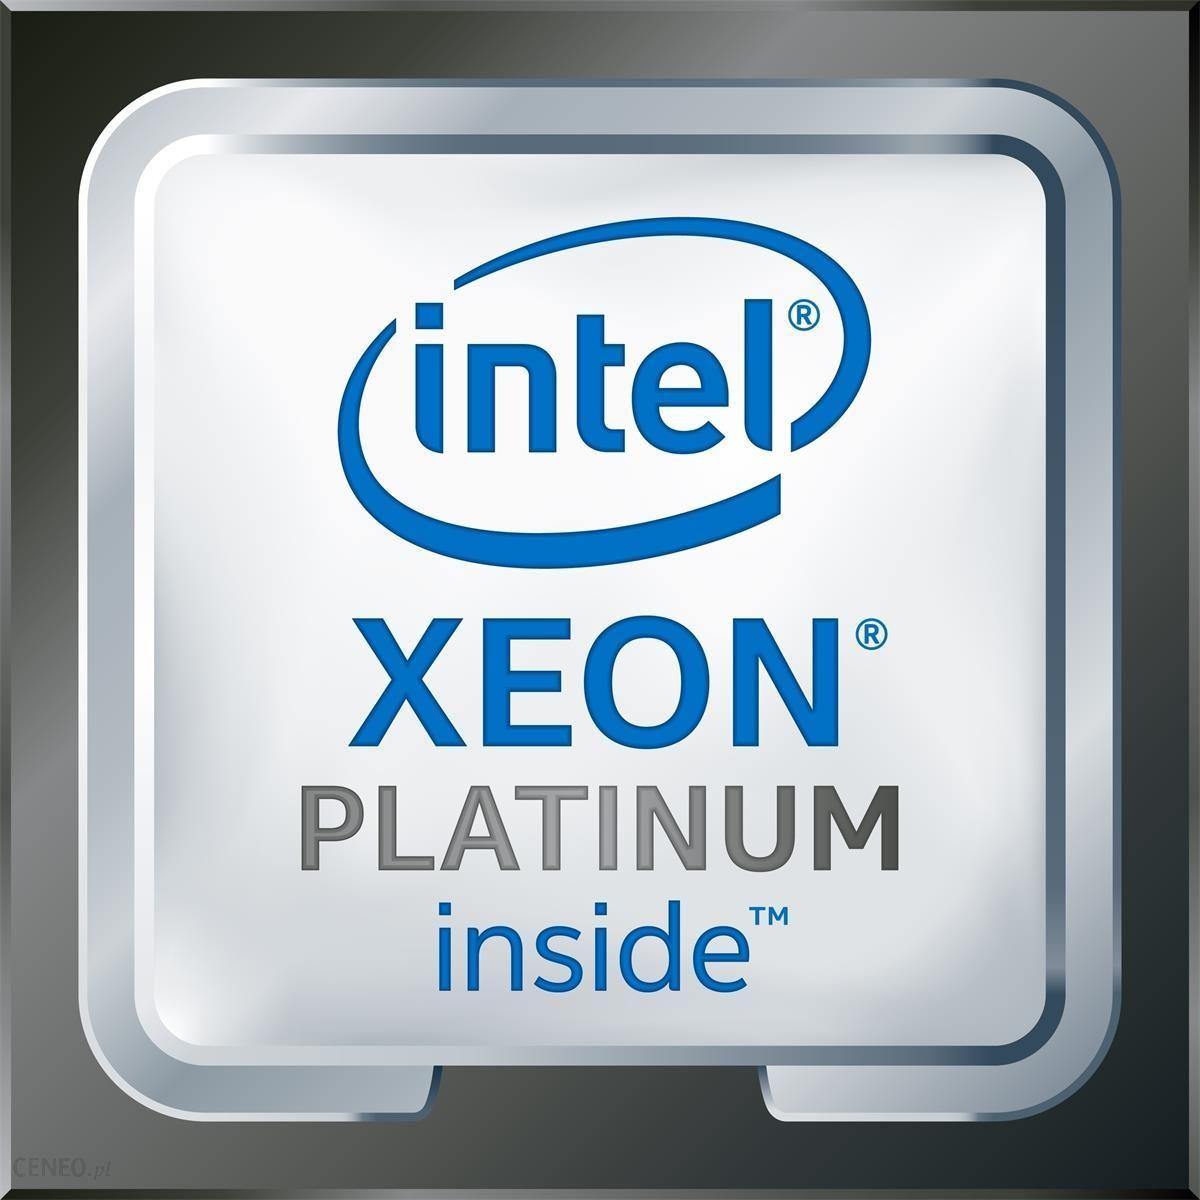 Procesor Intel Xeon Platinum 8170 Cd8067303327601 Opinie I Ceny Na Ceneo Pl